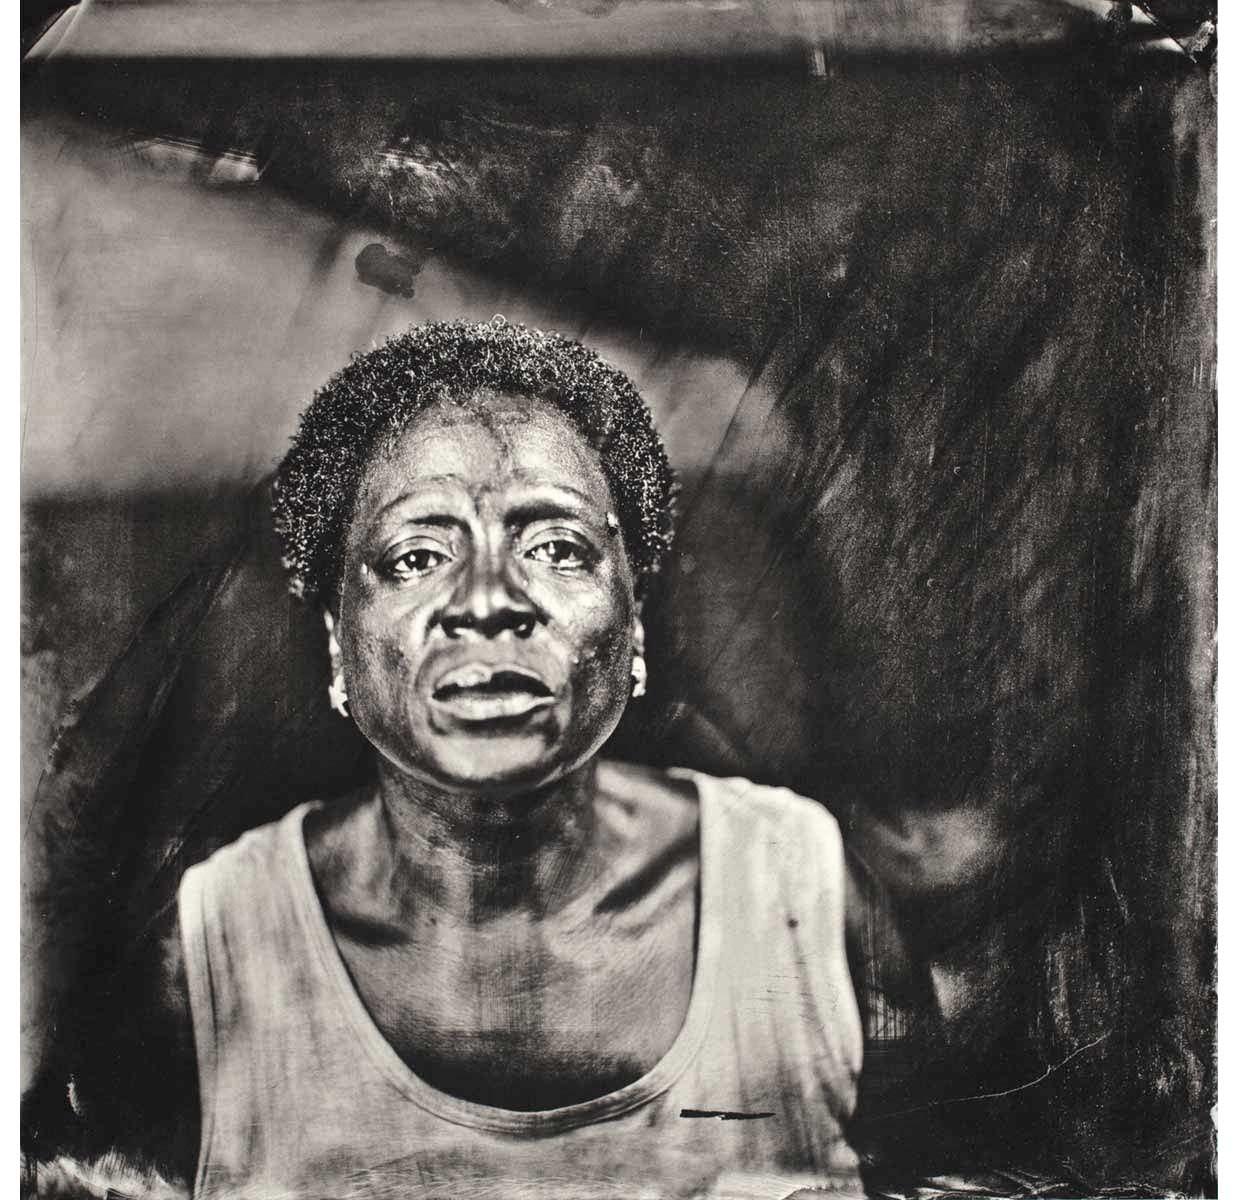 Sharon Jones, Soul Singer – Augusta, GA 2015